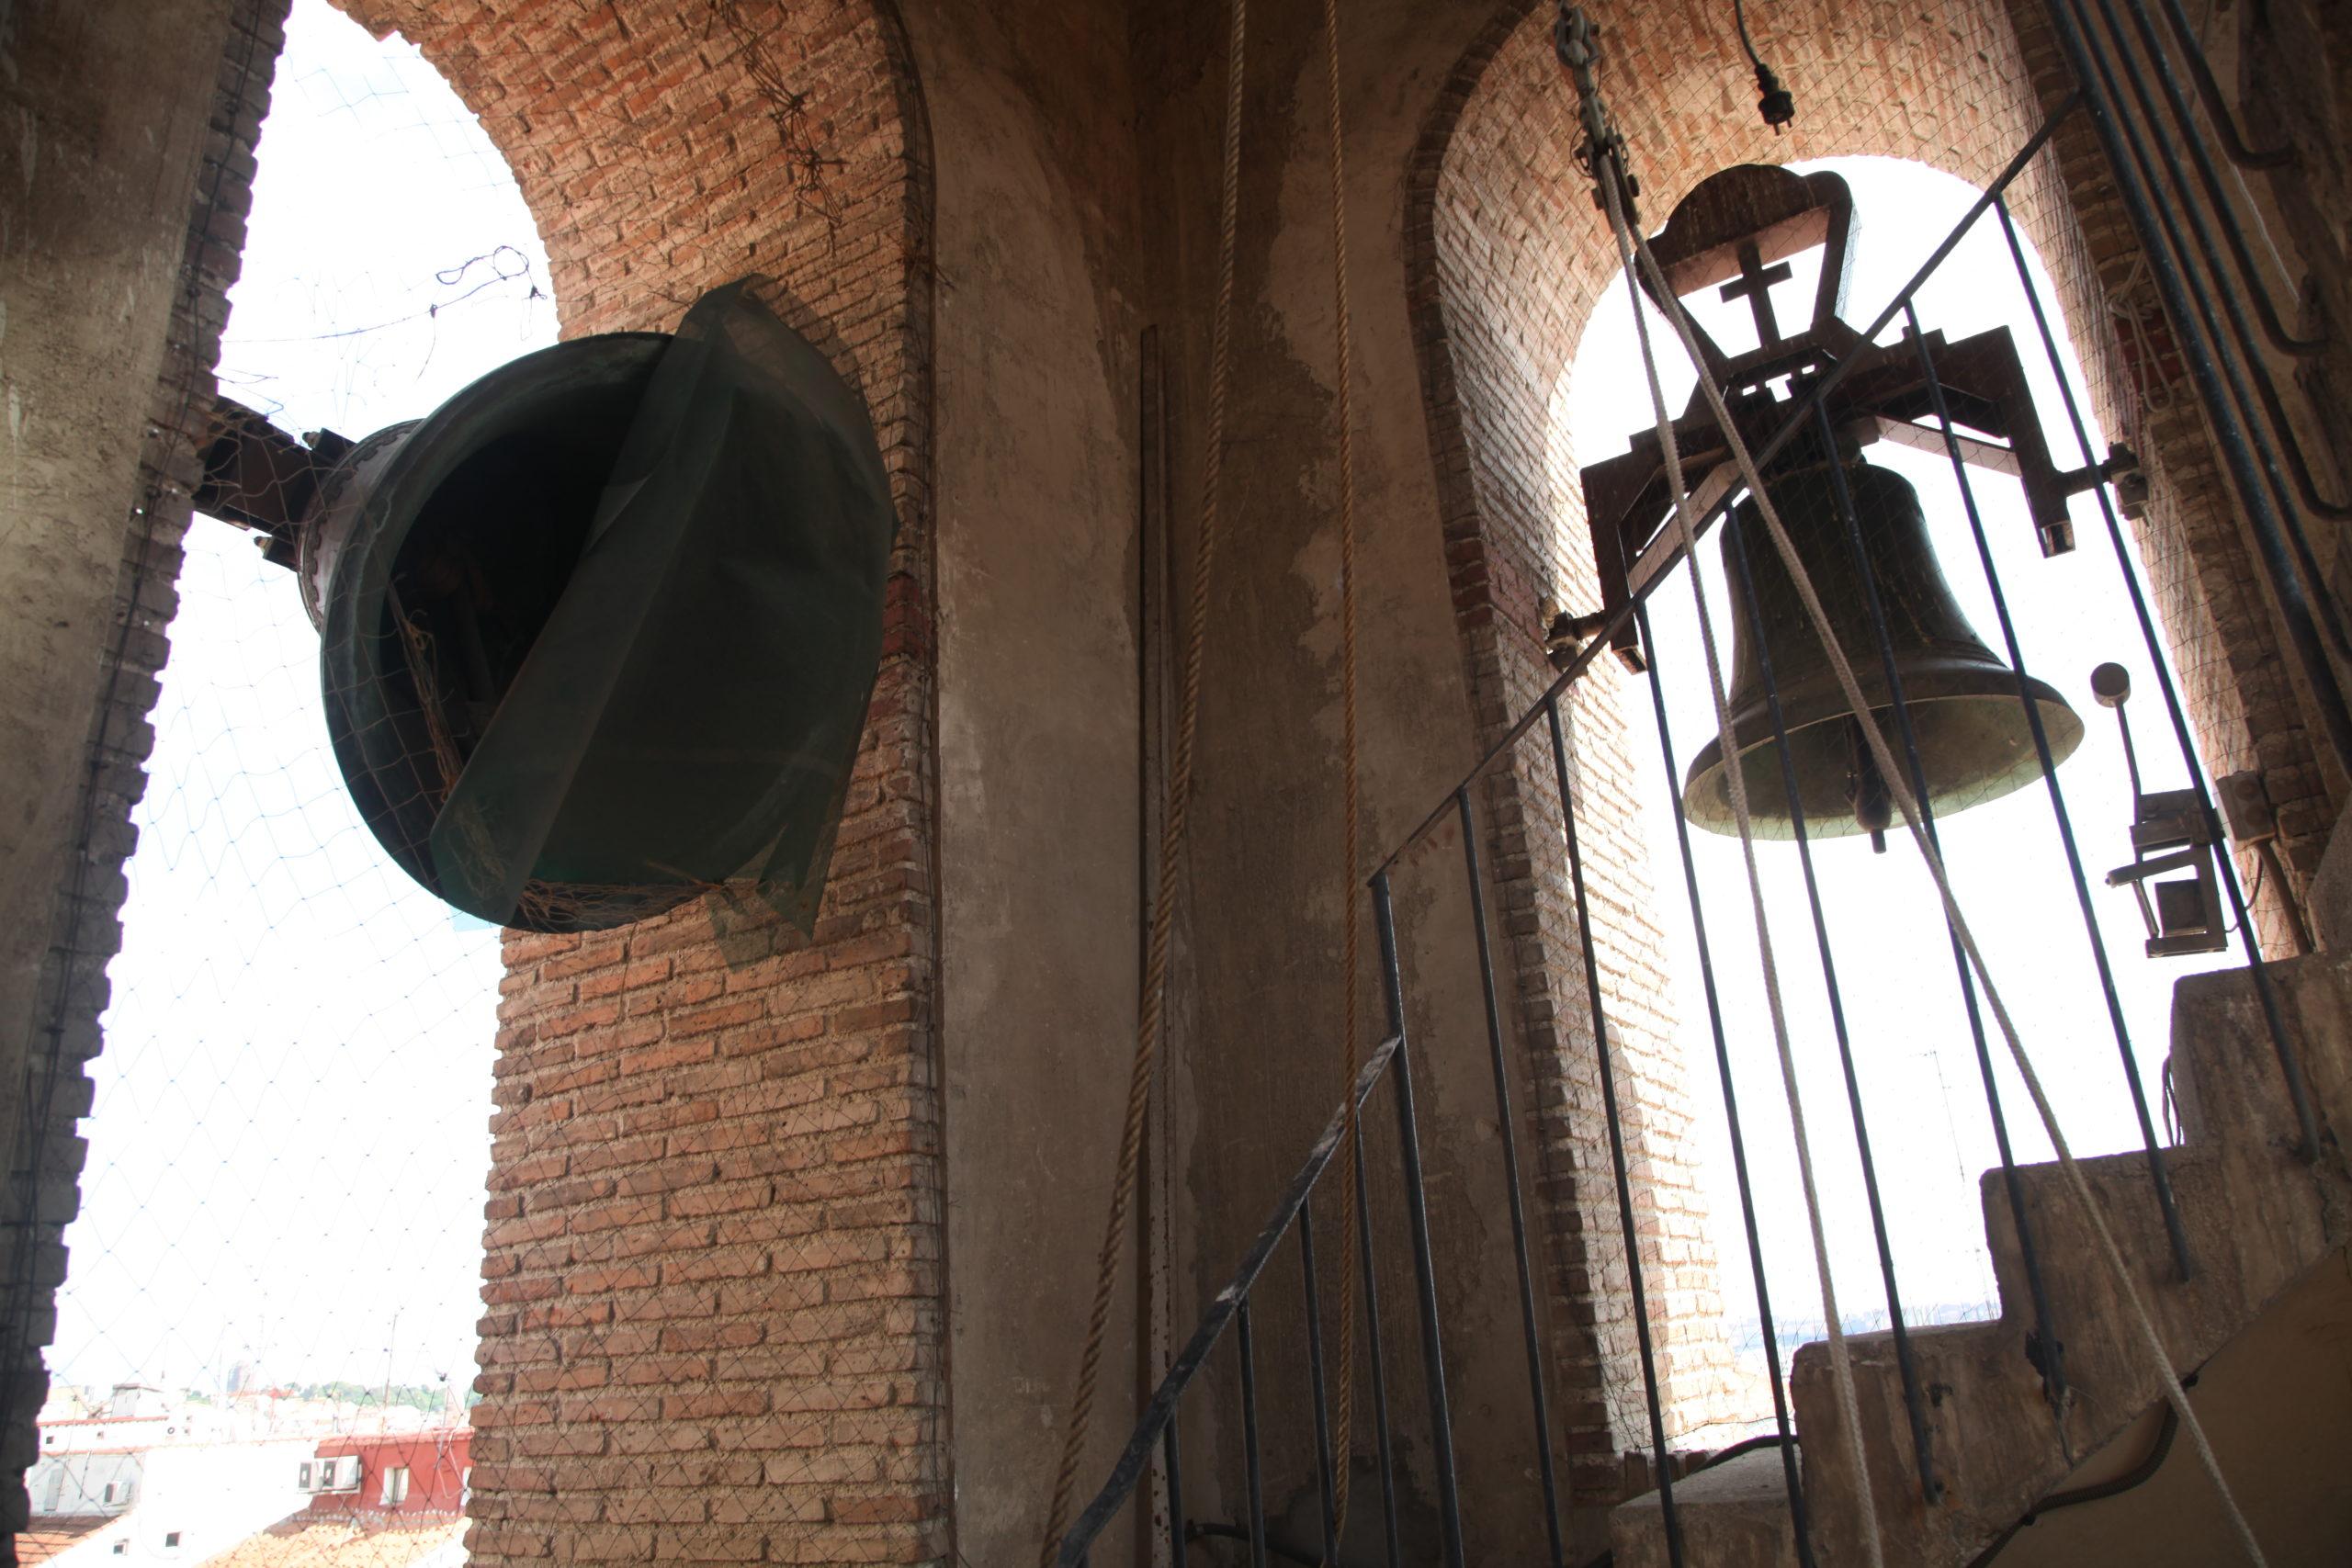 detalle-campanas-despues-de-la-restauracion-IMG_2920